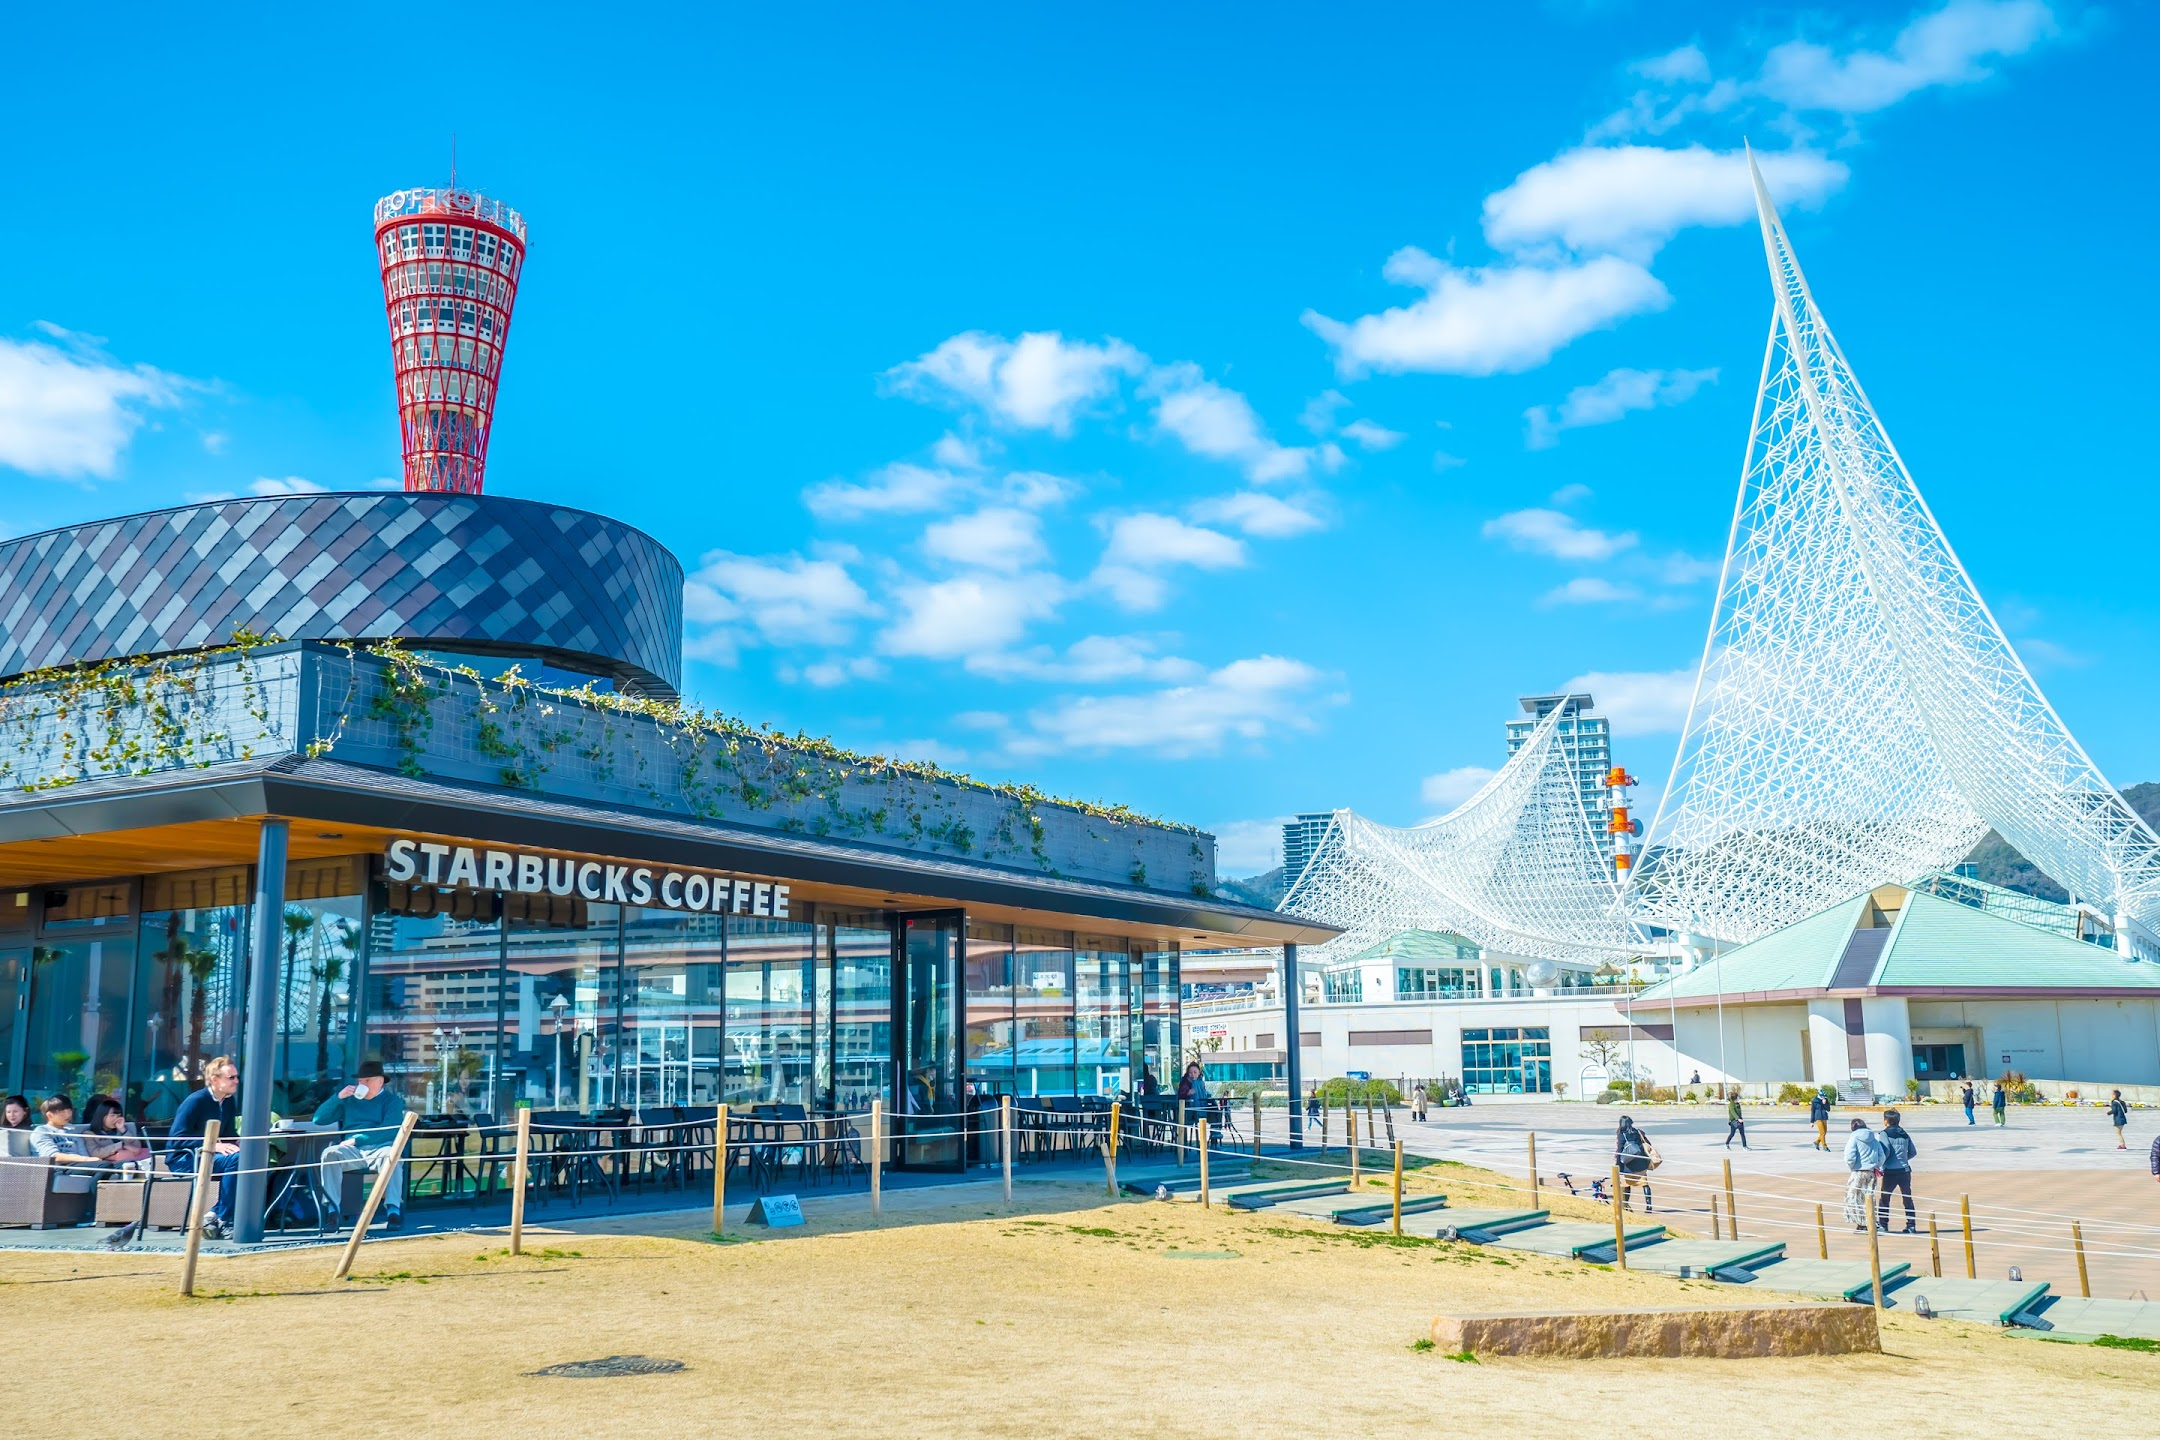 神戸 メリケンパーク スターバックス